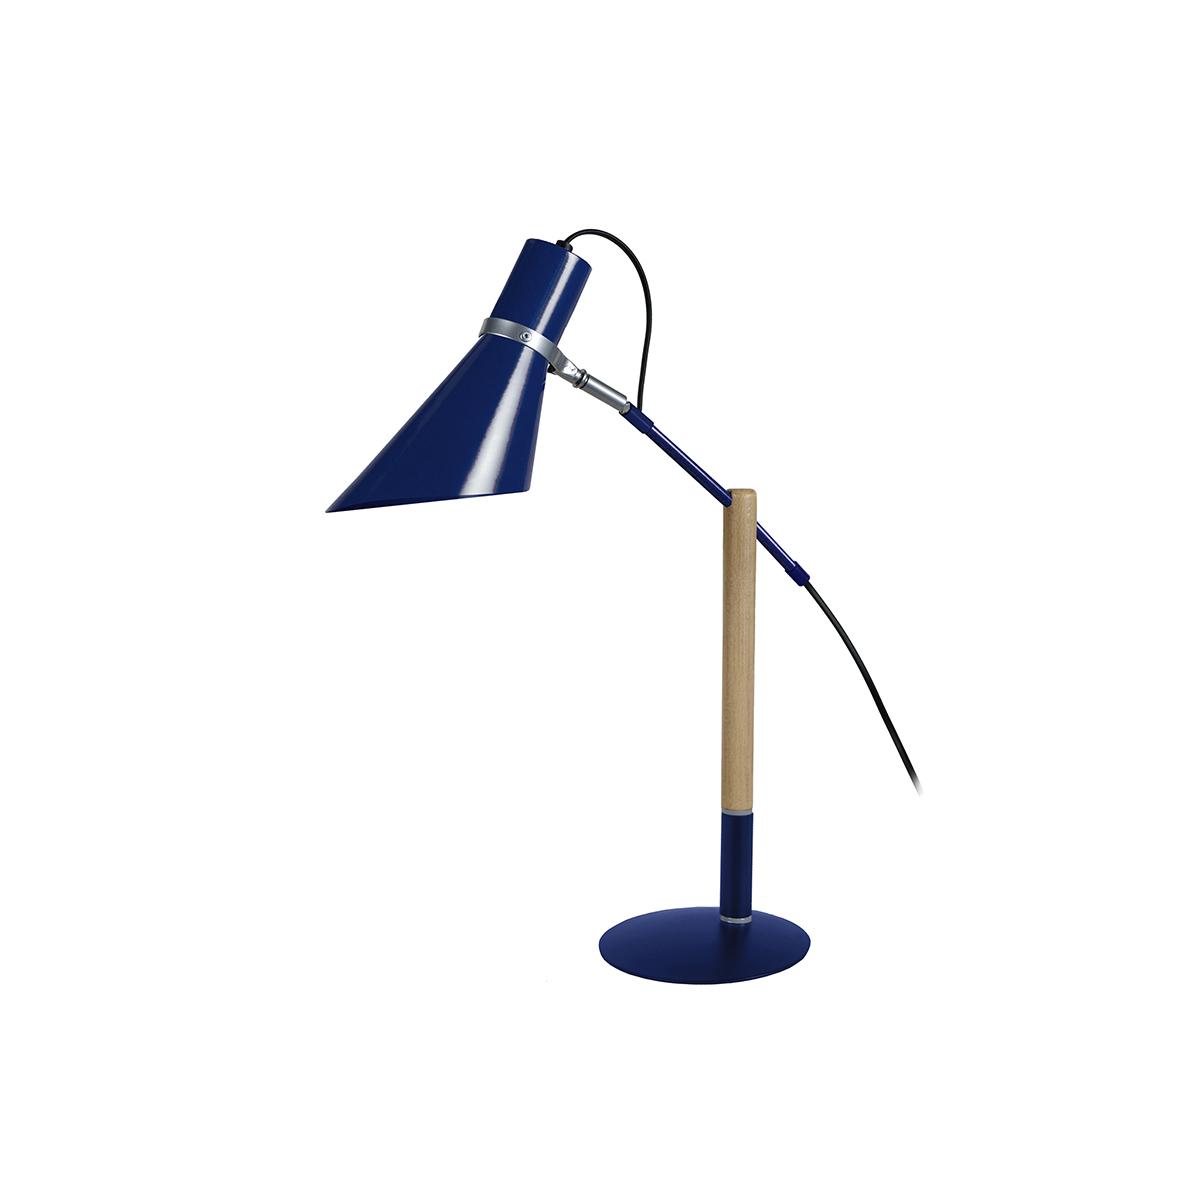 Lampada da tavolo design legno e acciaio Blu SOUND